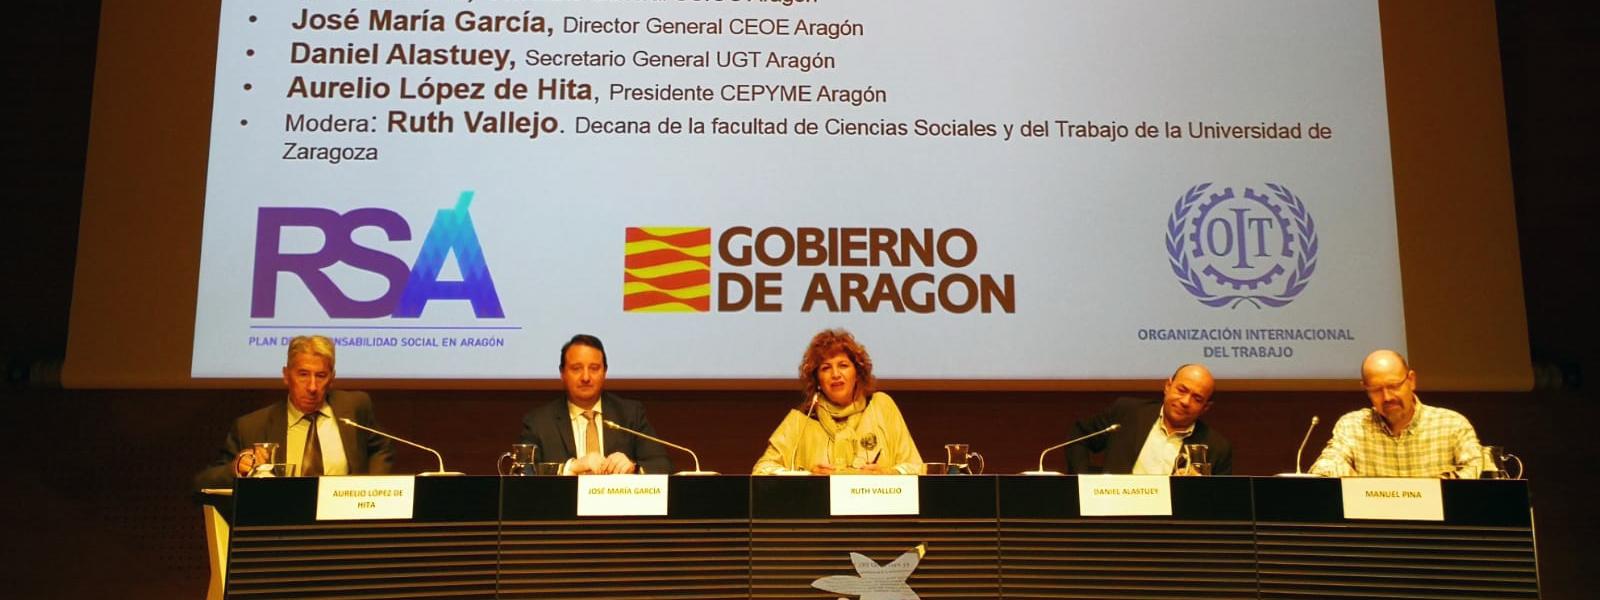 Jornada sobre el futuro del trabajo y la importancia del diálogo social